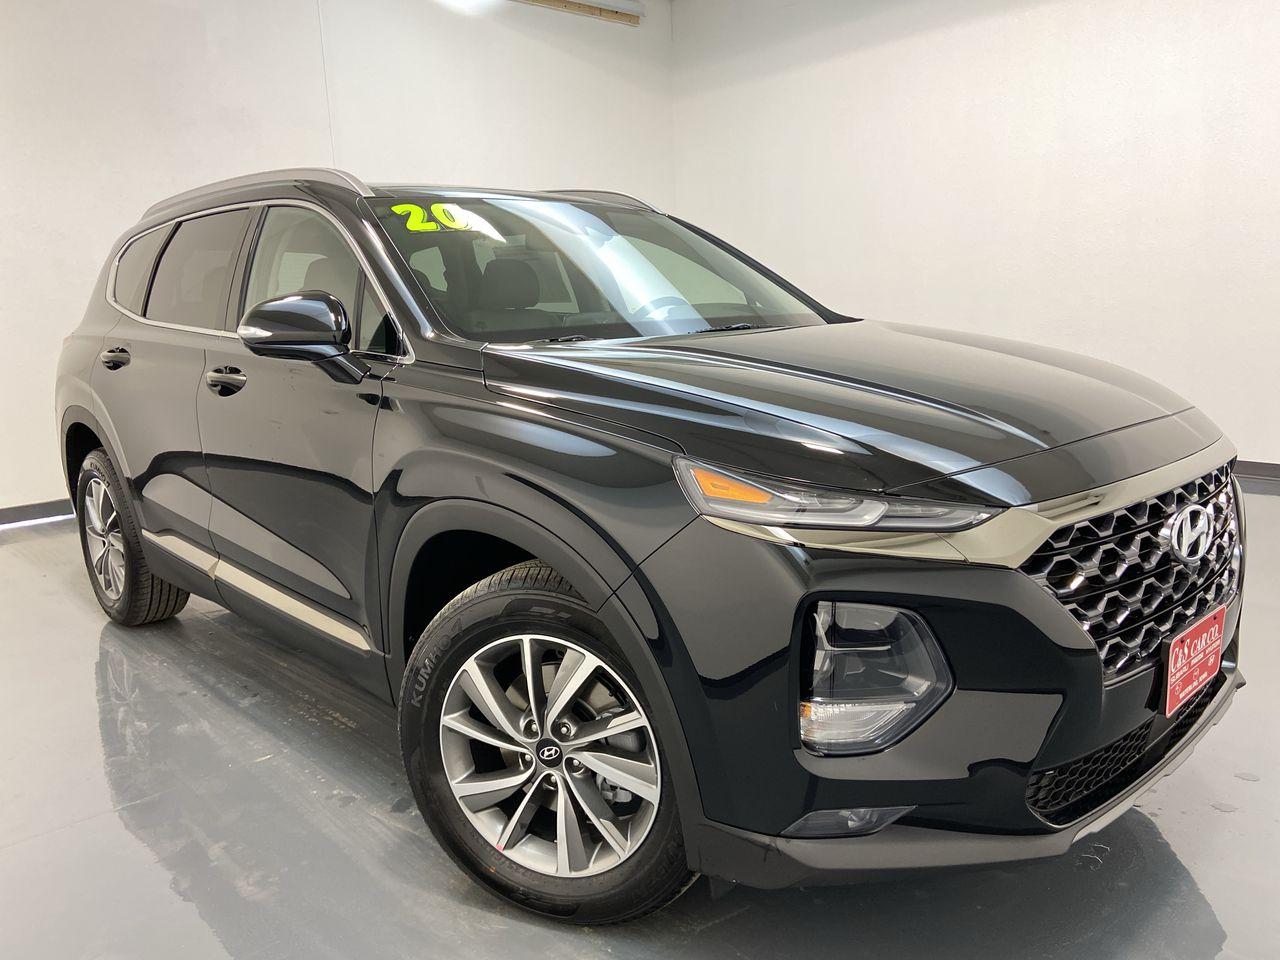 2020 Hyundai Santa Fe 4D SUV AWD 2.4L  - HY8605  - C & S Car Company